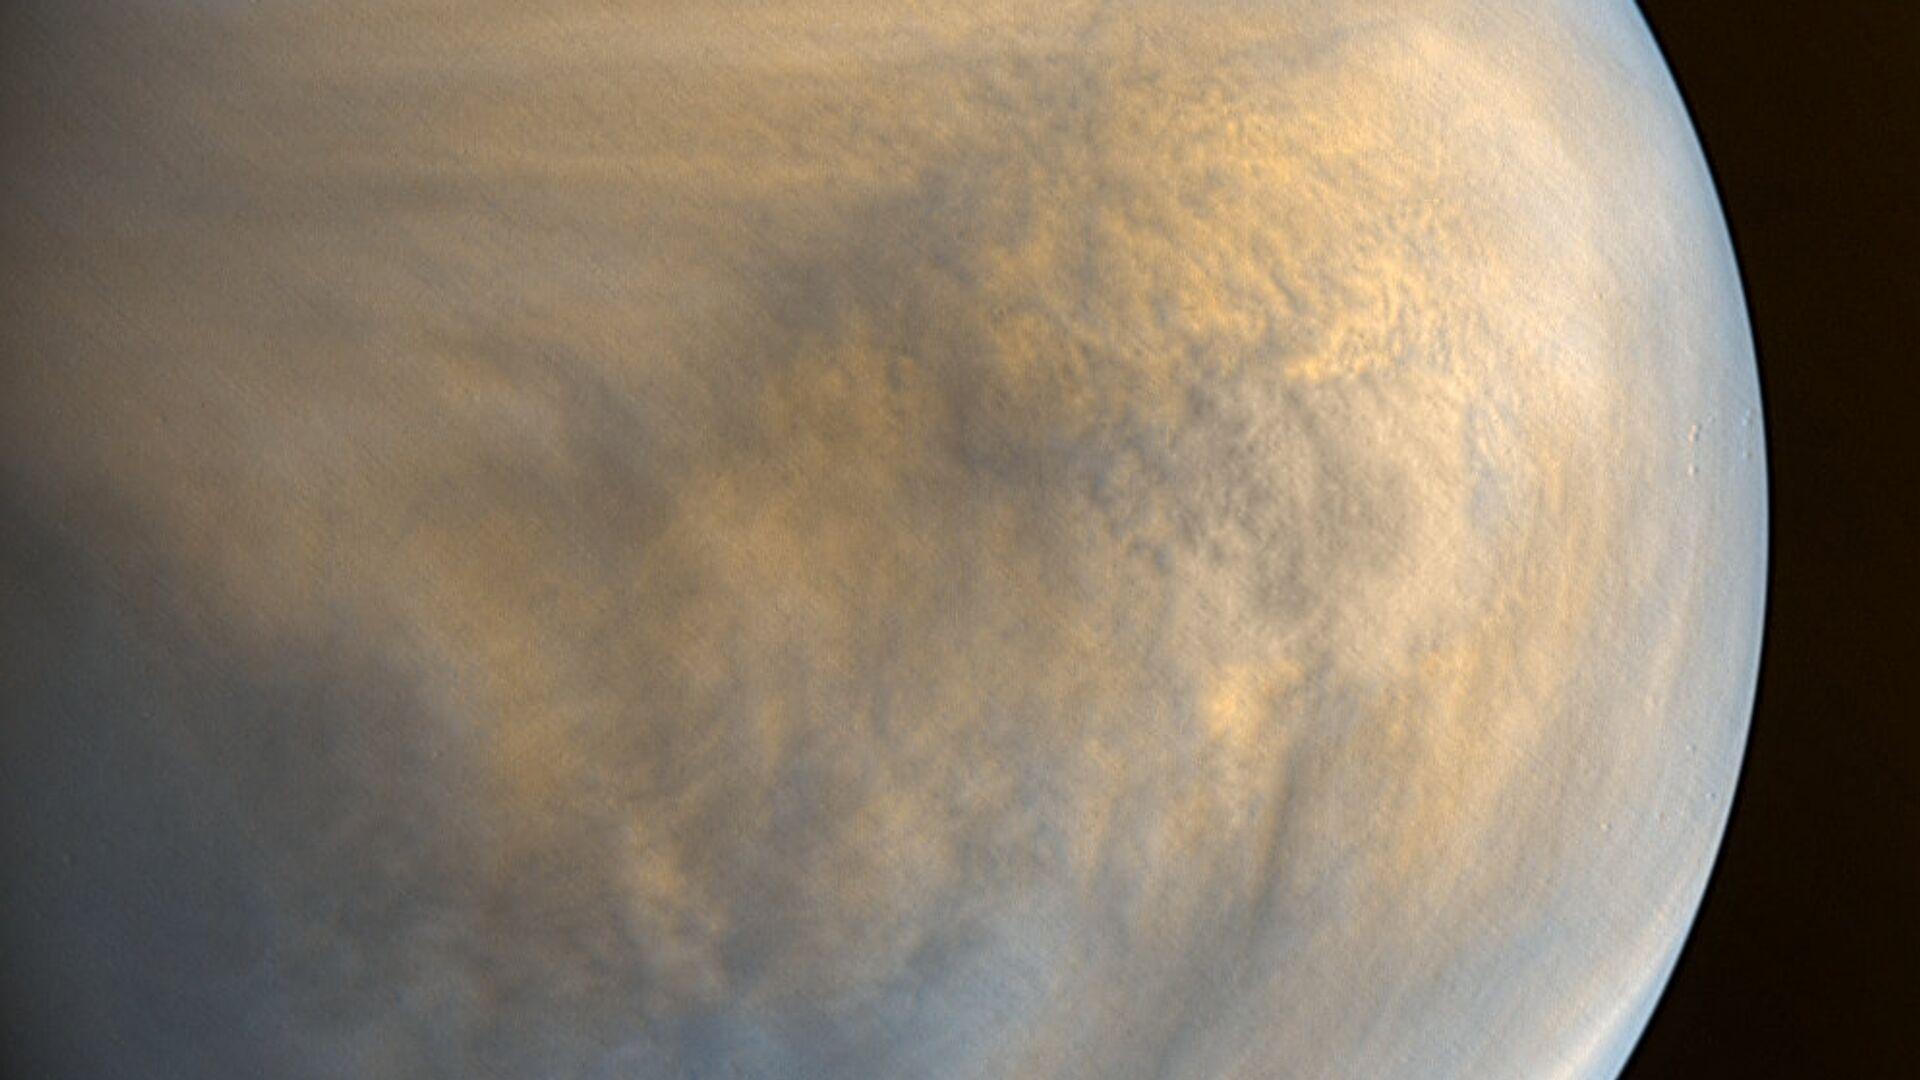 Фотография Венеры в оптическом и ультрафиолетовом диапазоне, полученная камерами зонда Акацуки - РИА Новости, 1920, 14.09.2020